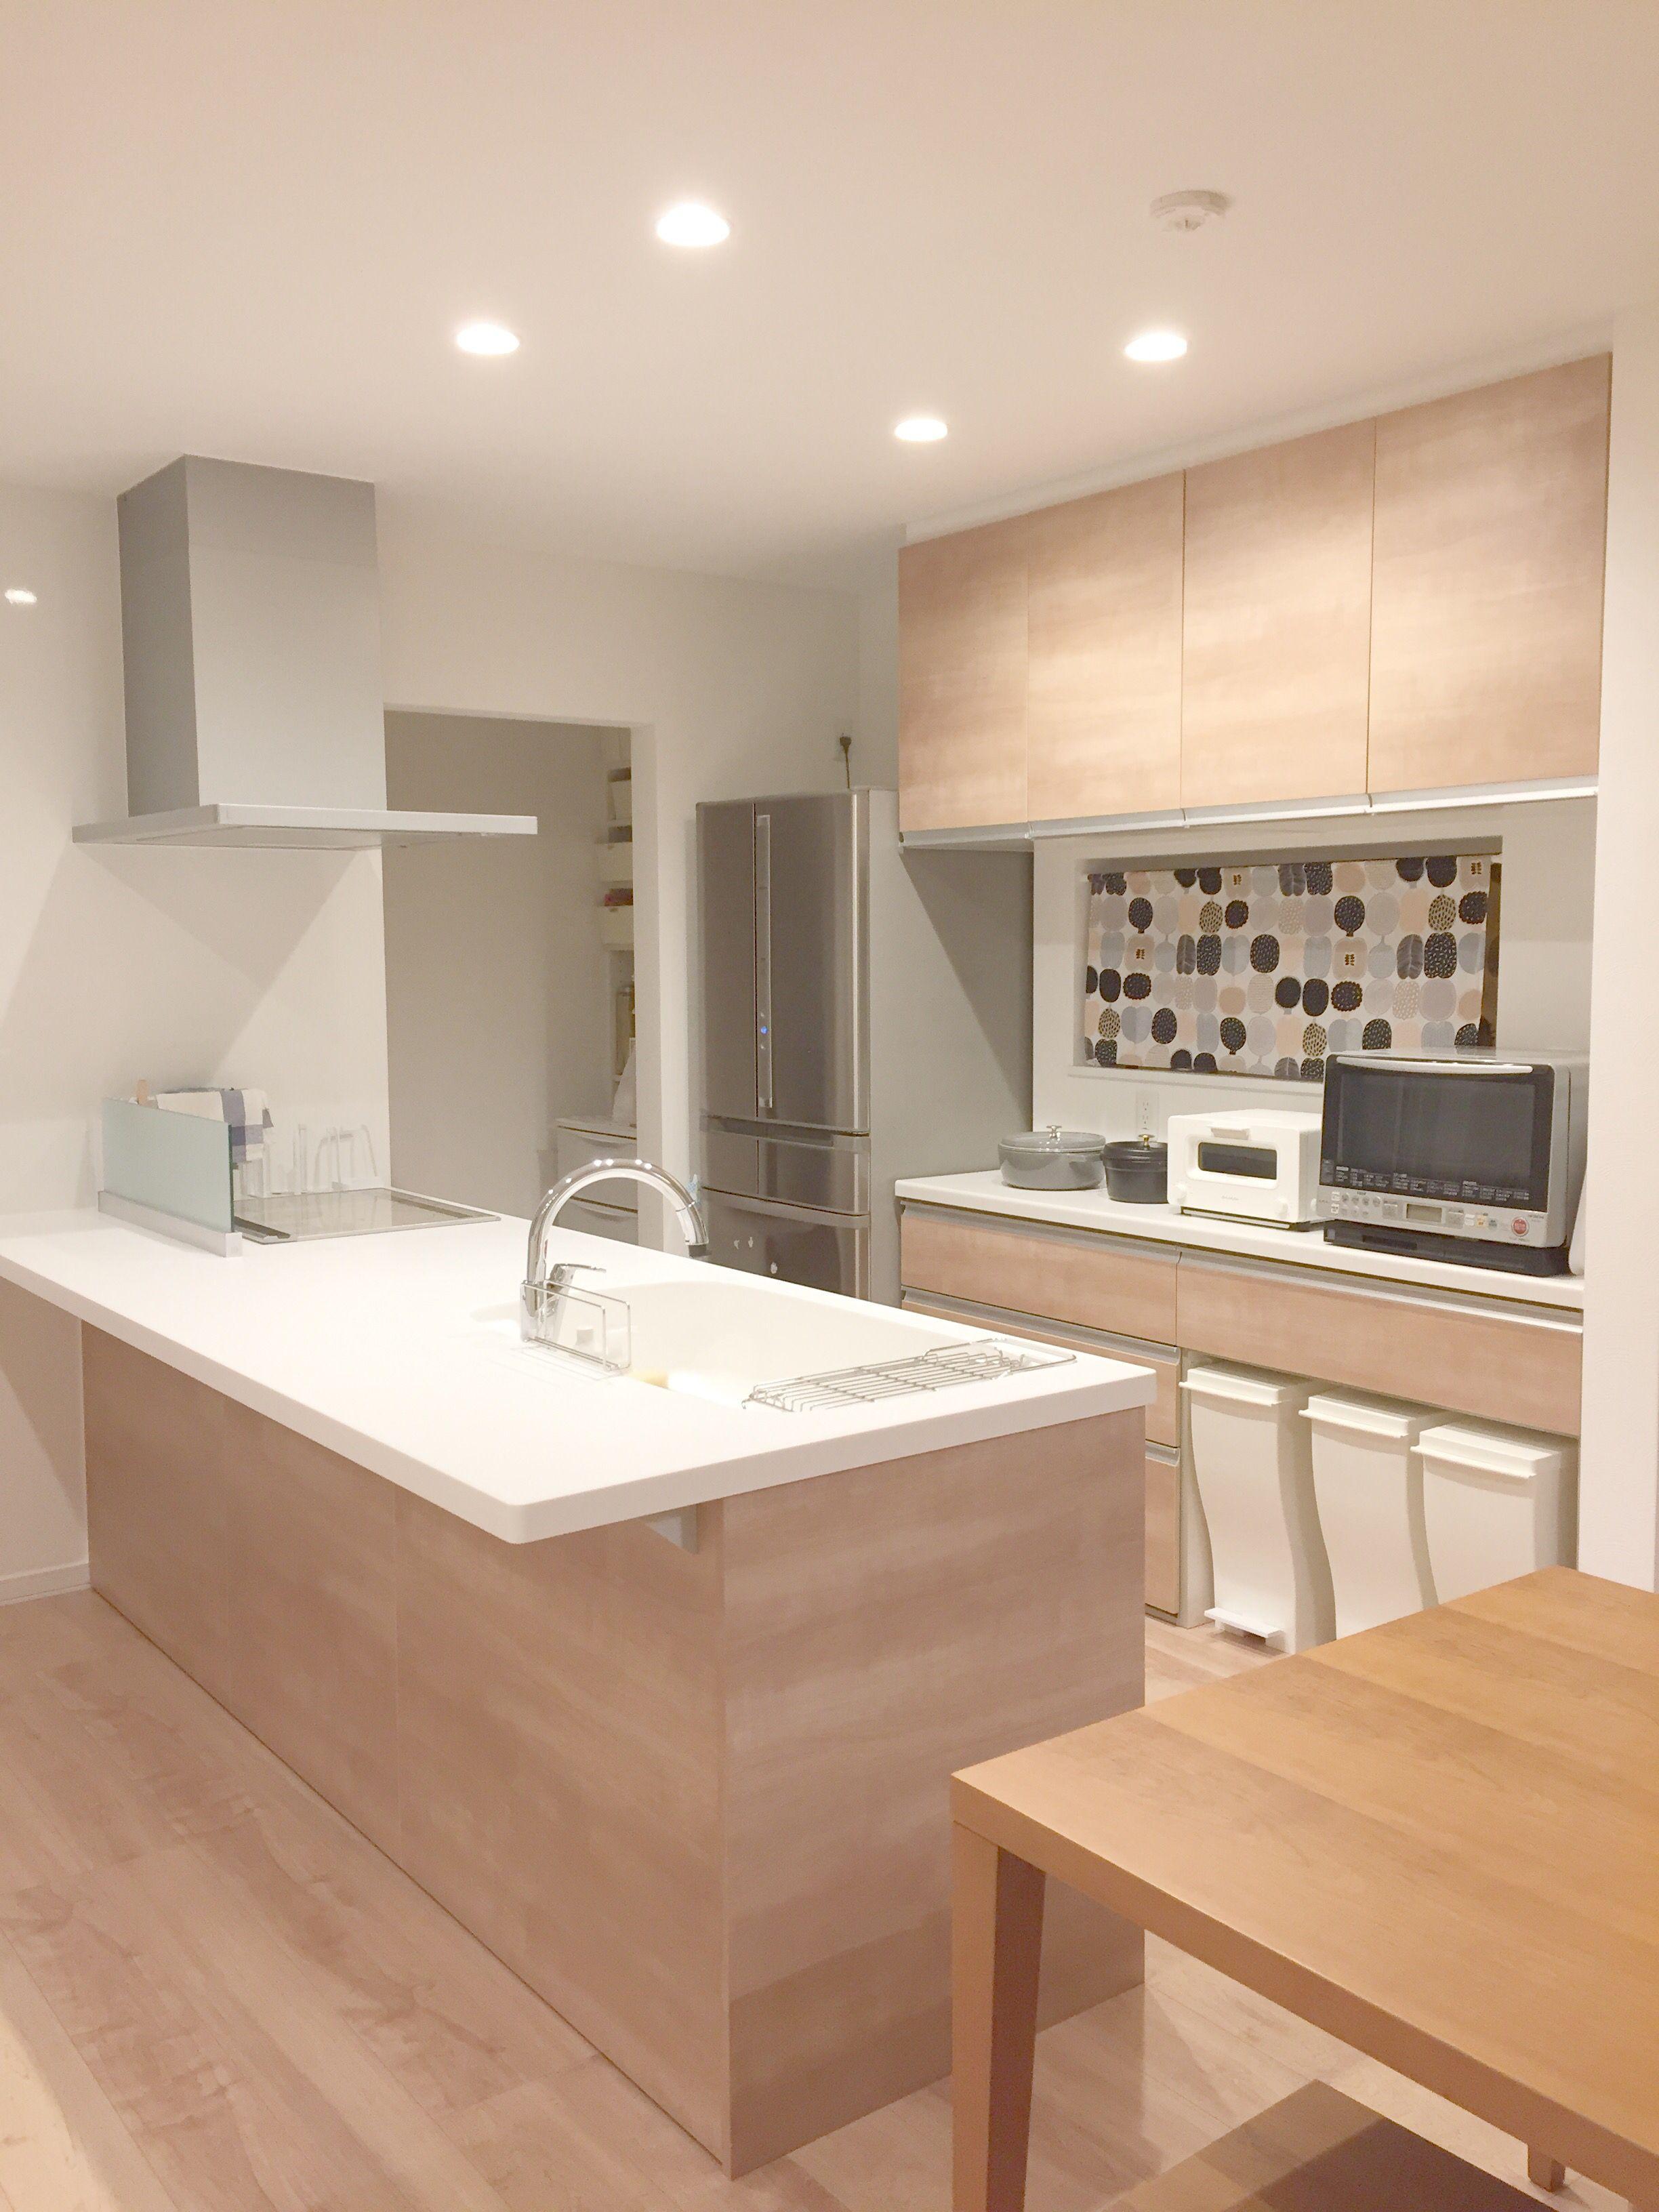 広い空間を生み出す北欧テイストなキッチン Stgram69さんのキッチンを